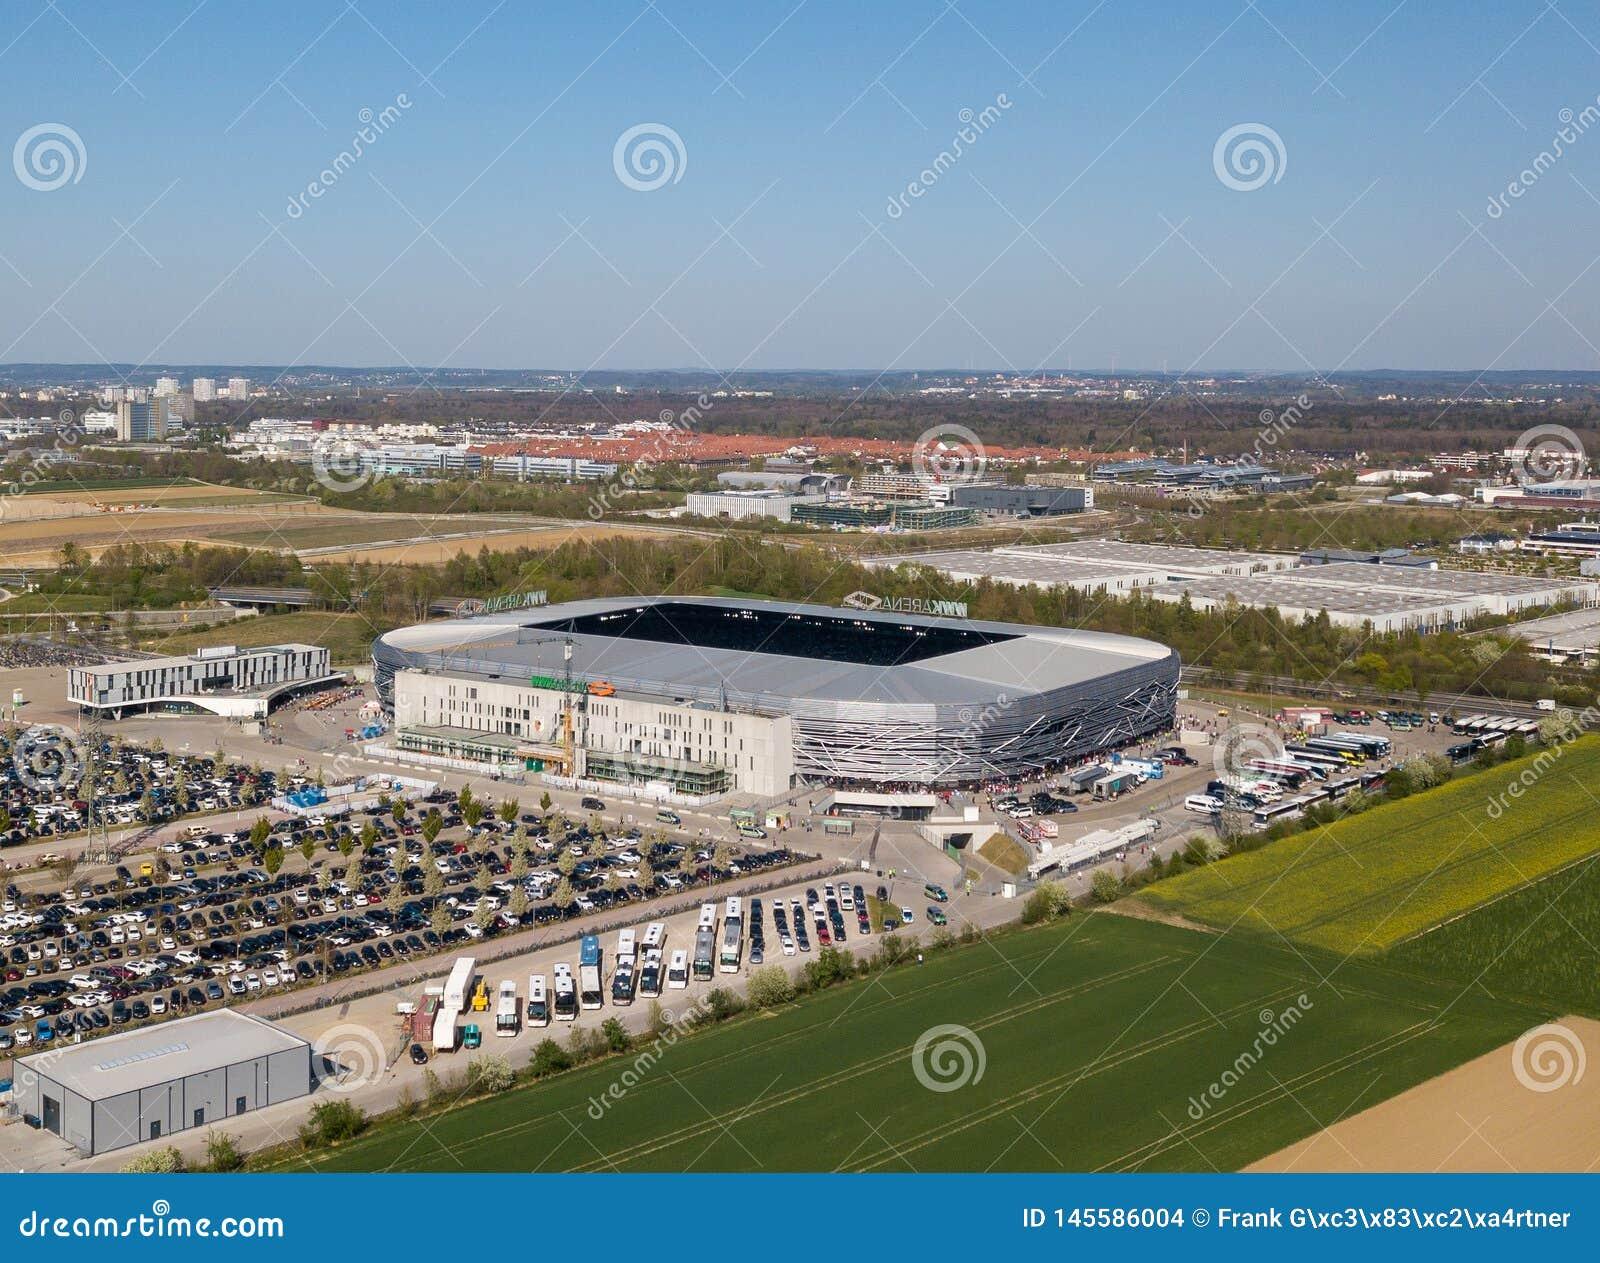 Арена WWK - официальный футбольный стадион FC Augsburg